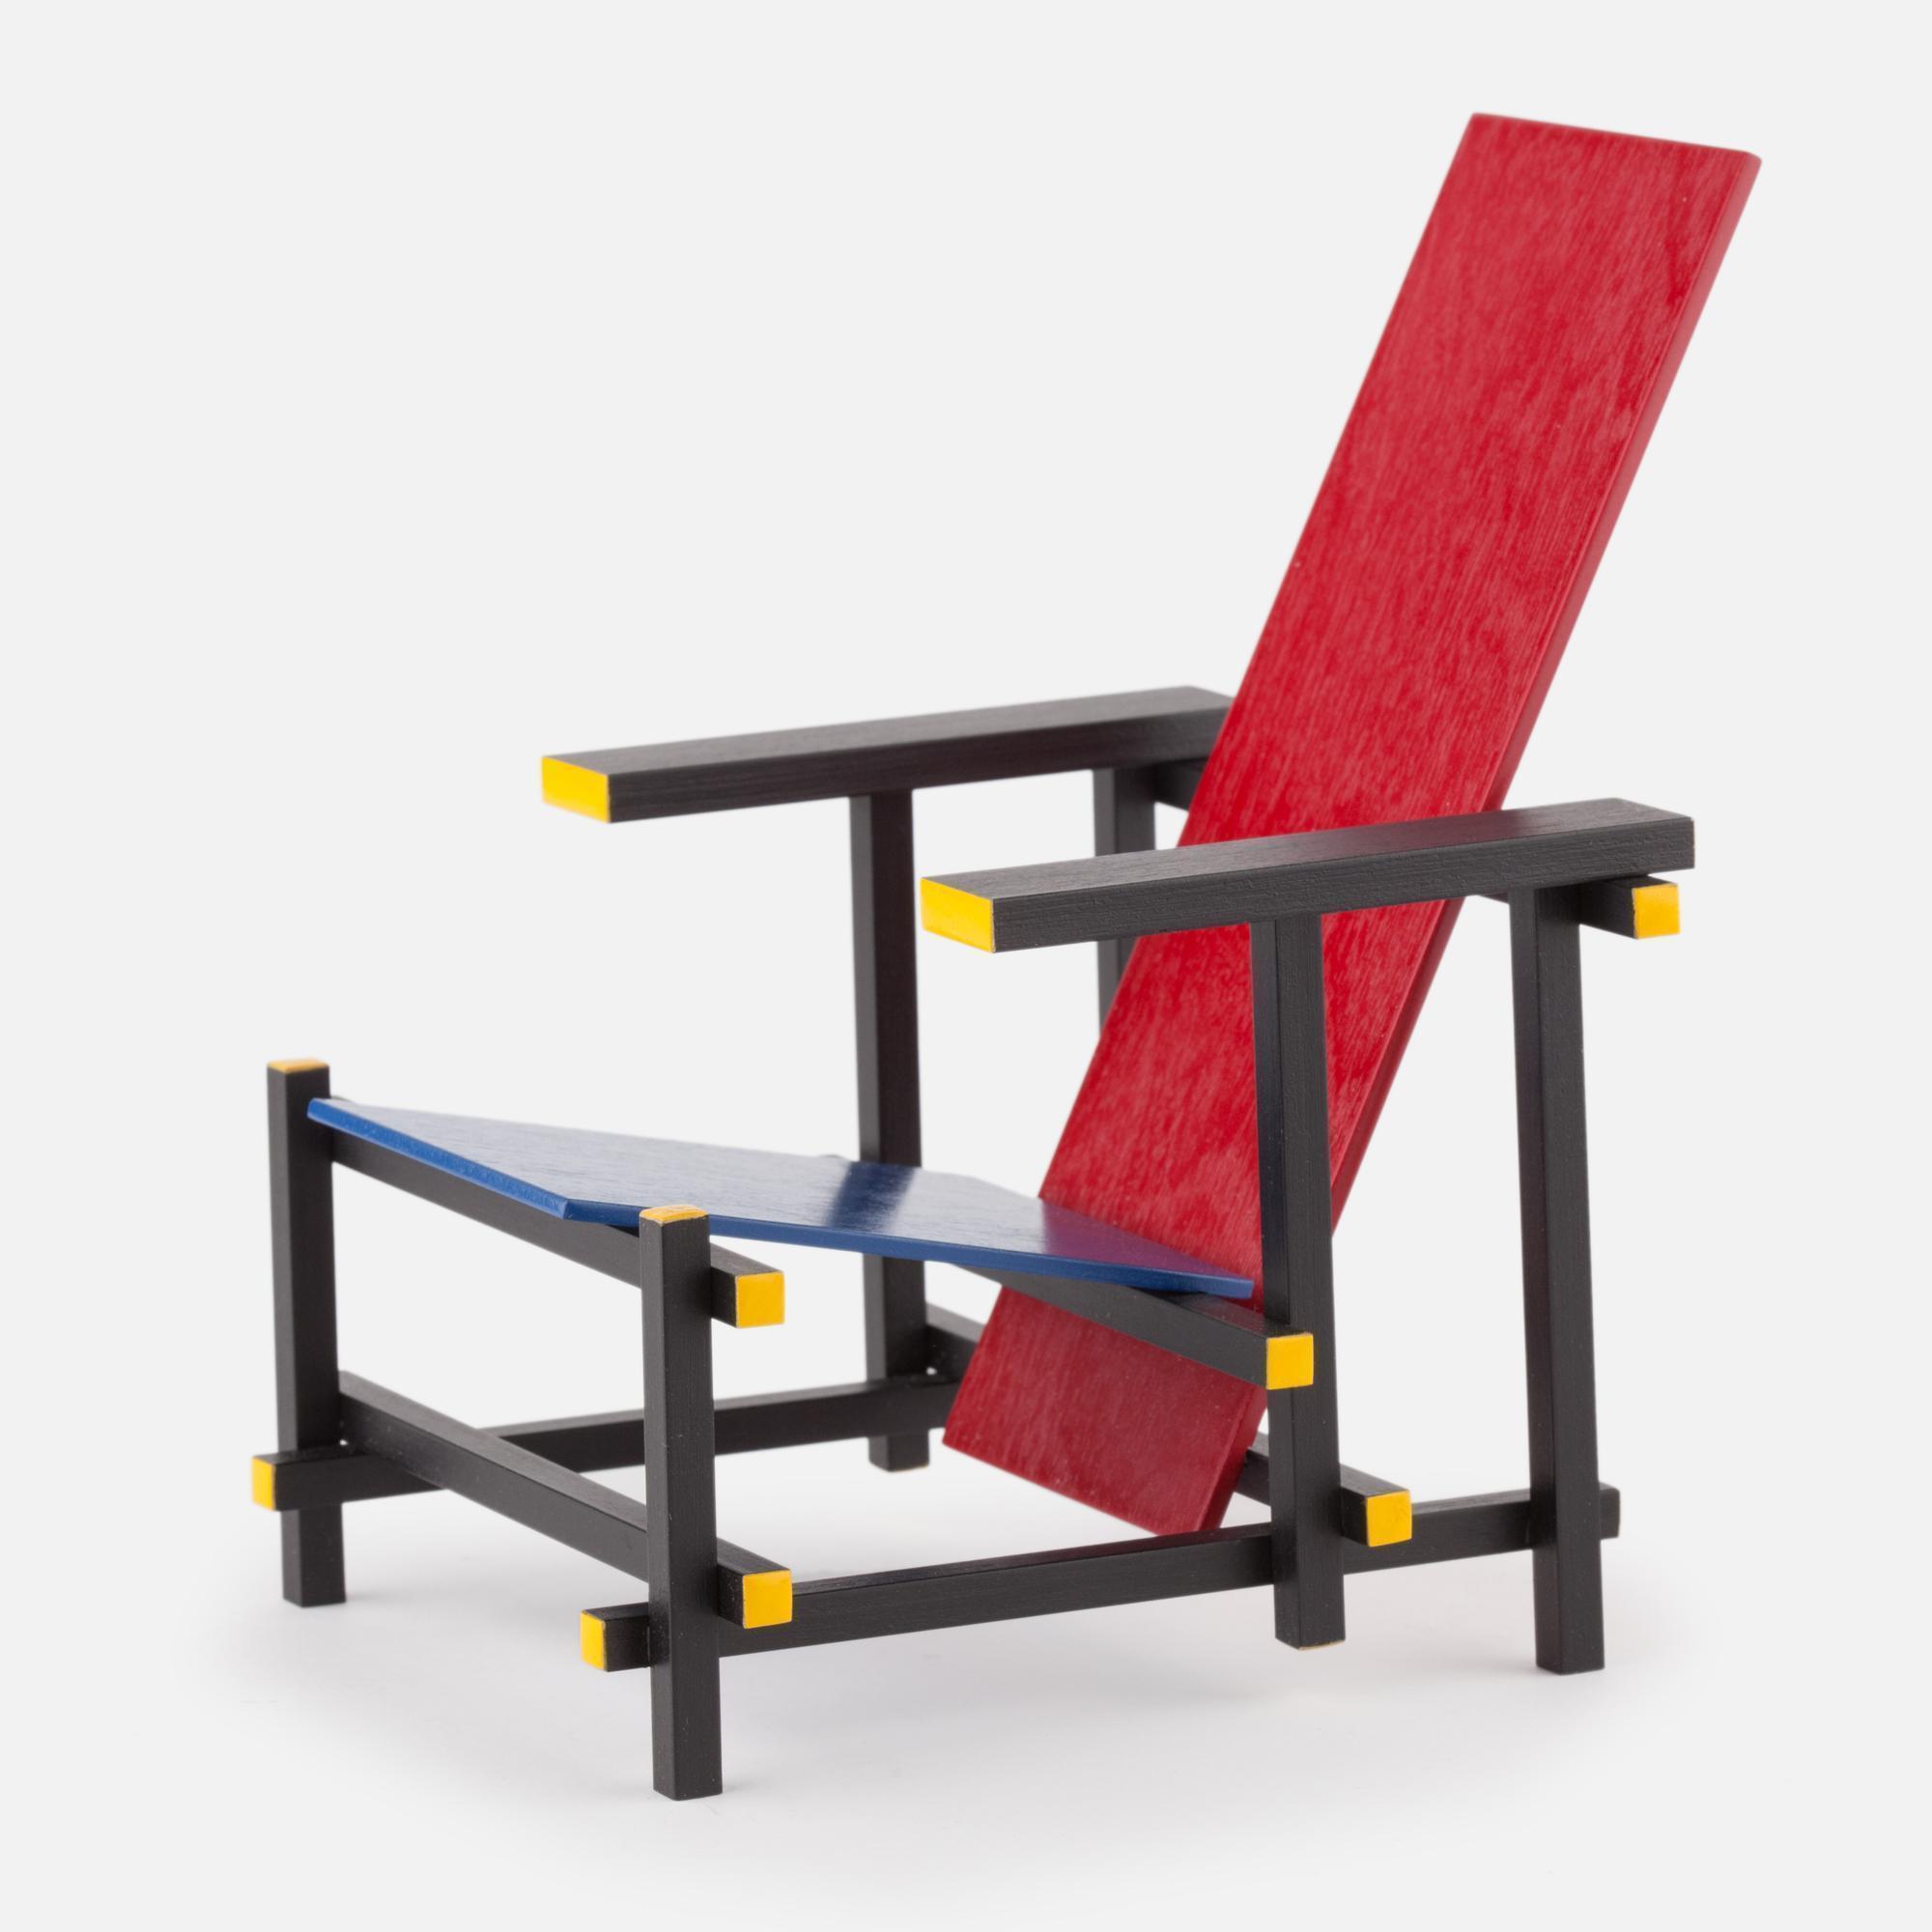 Miniature Rood blauwe stoel chair, Rietveld, 1918